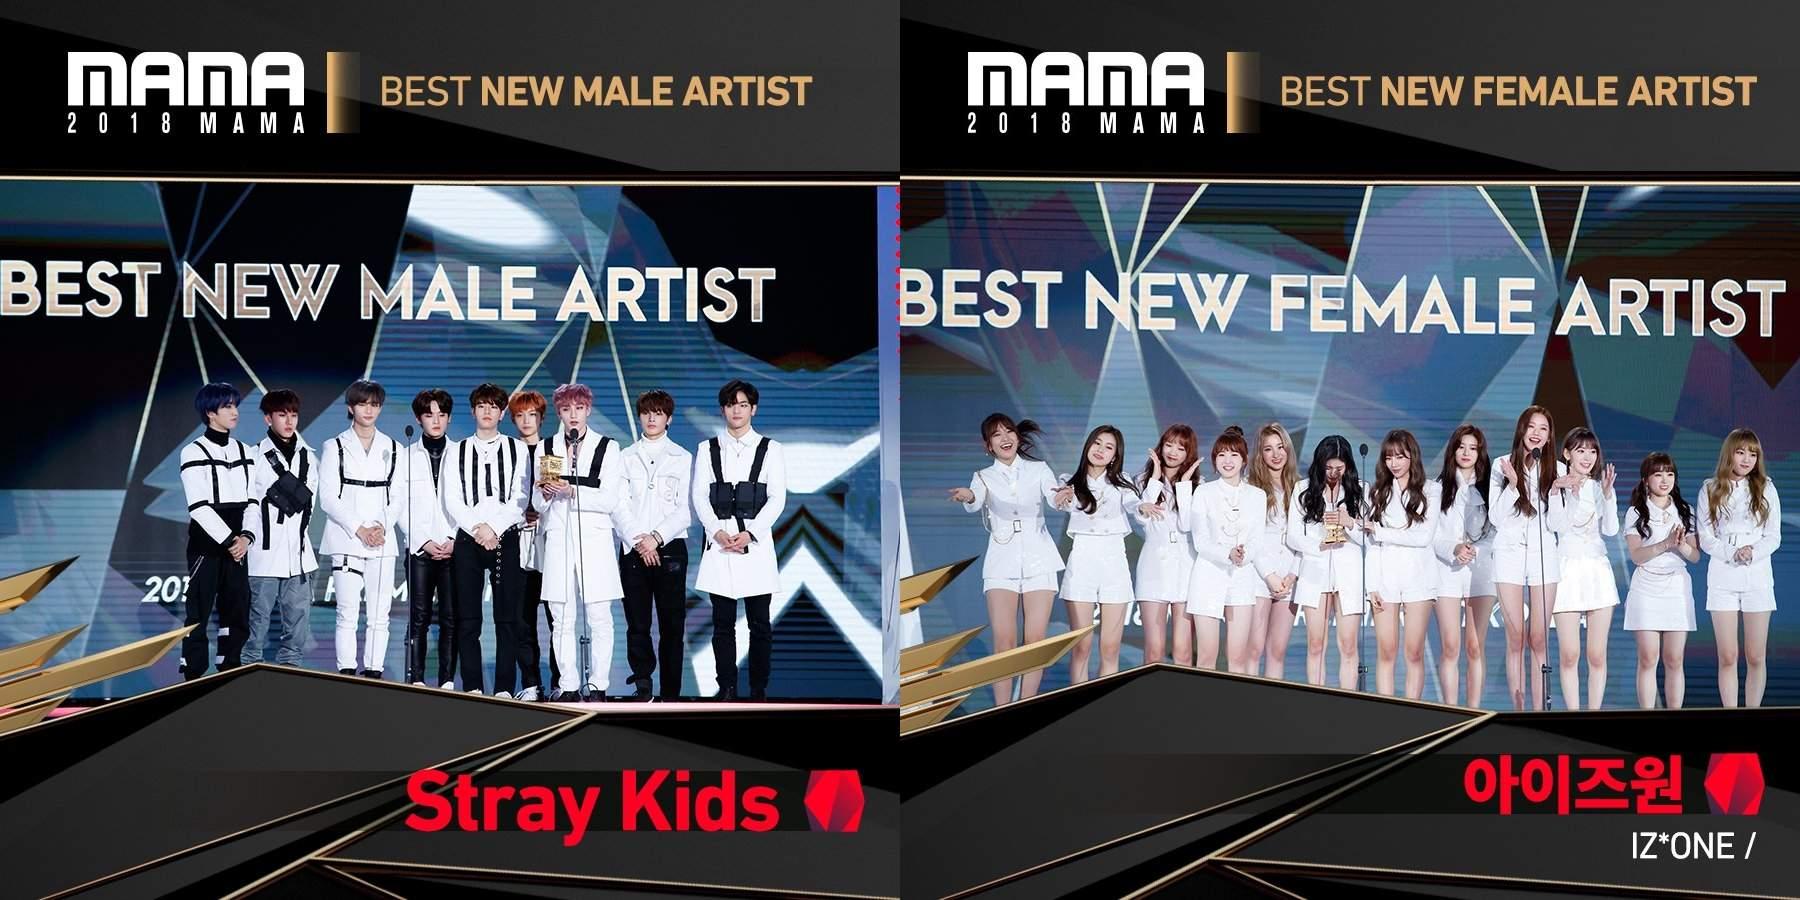 韓國場頒發了粉絲們最期待的獎項之一「年度新人獎」,不負眾望分別由Stray Kids、IZ*ONE拿下,而防彈少年團的幕後組也在當天奪得四個獎項,特別的是「最佳 MV 導演」是頒給了為張惠妹拍攝《身後》MV的台灣導演羅景壬。